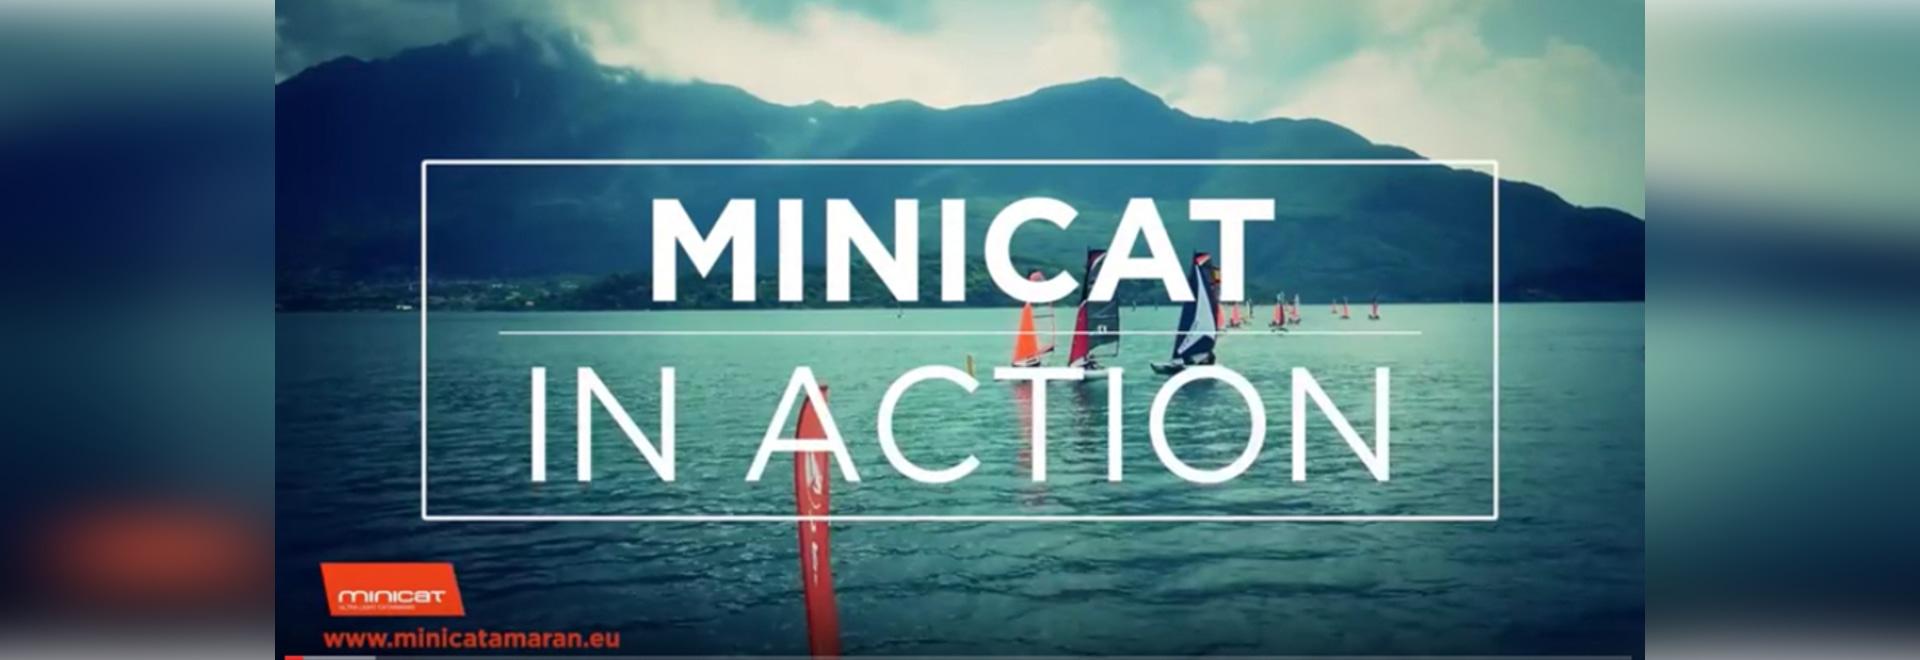 MiniCat in Action